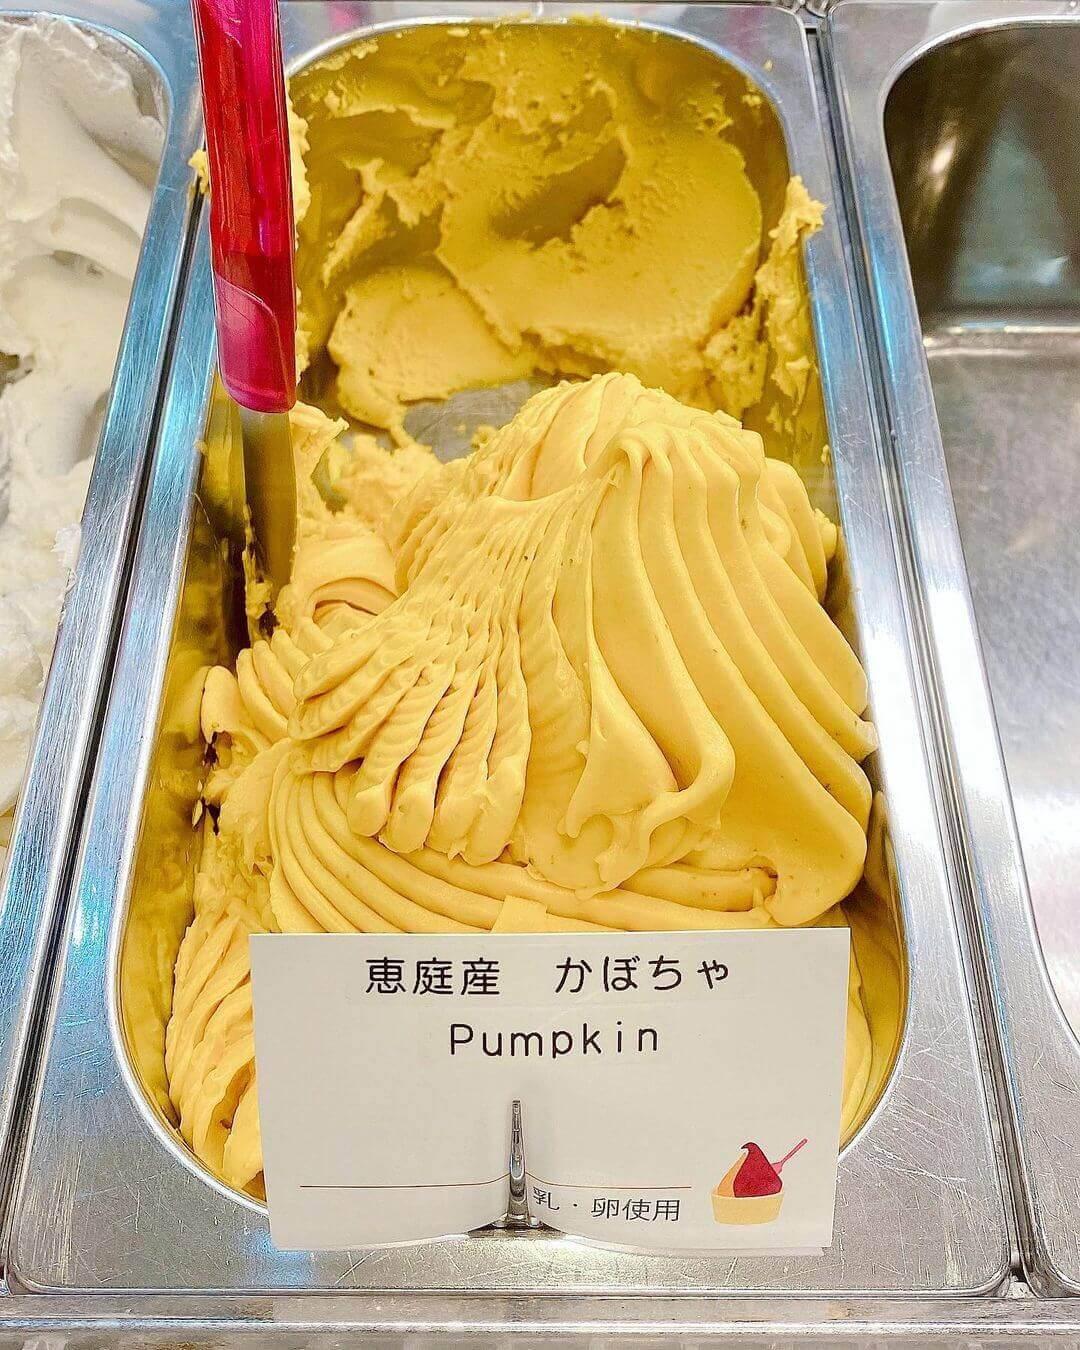 ジェラッテリア ソッリーゾの恵庭産 かぼちゃ